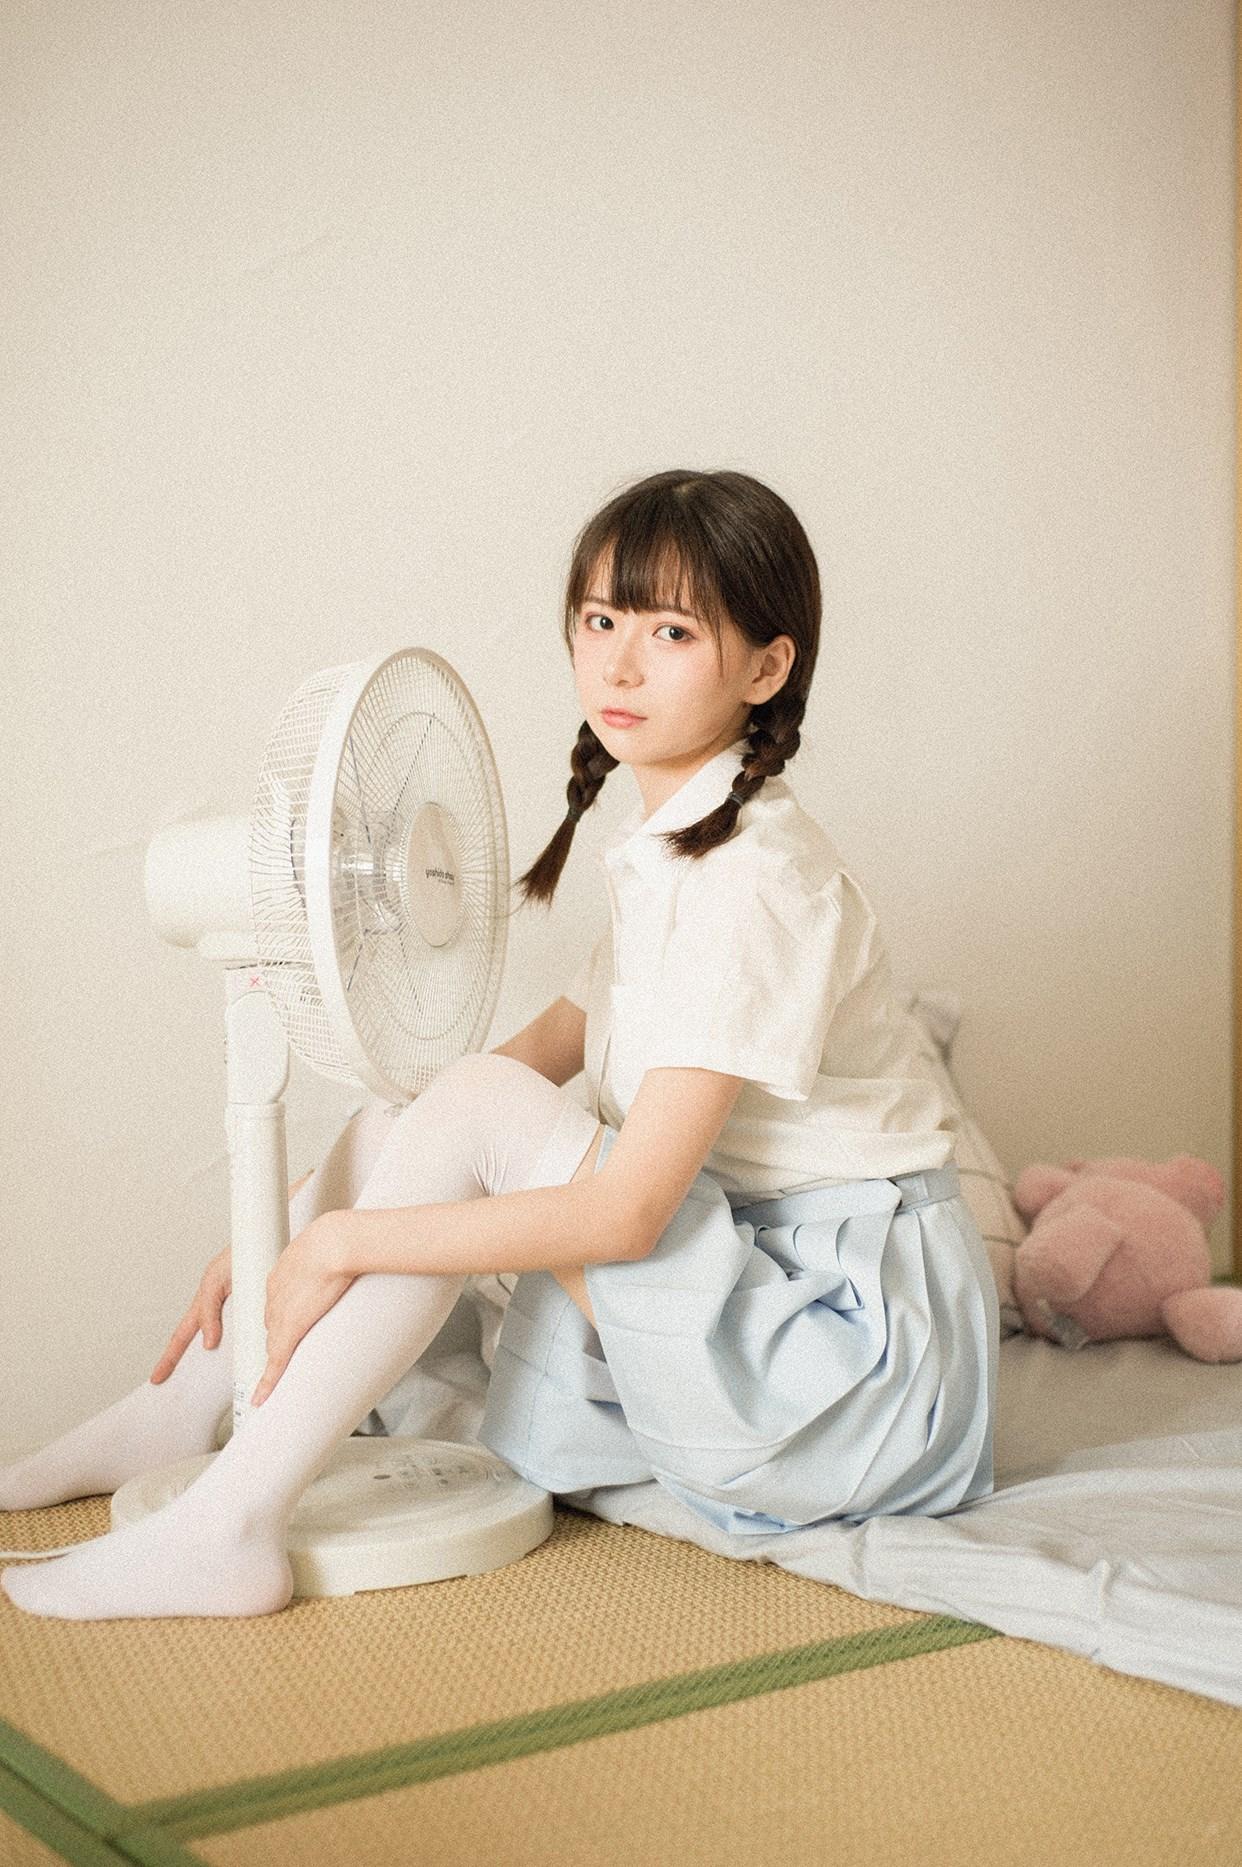 【兔玩映画】夏天的小裙子 兔玩映画 第11张